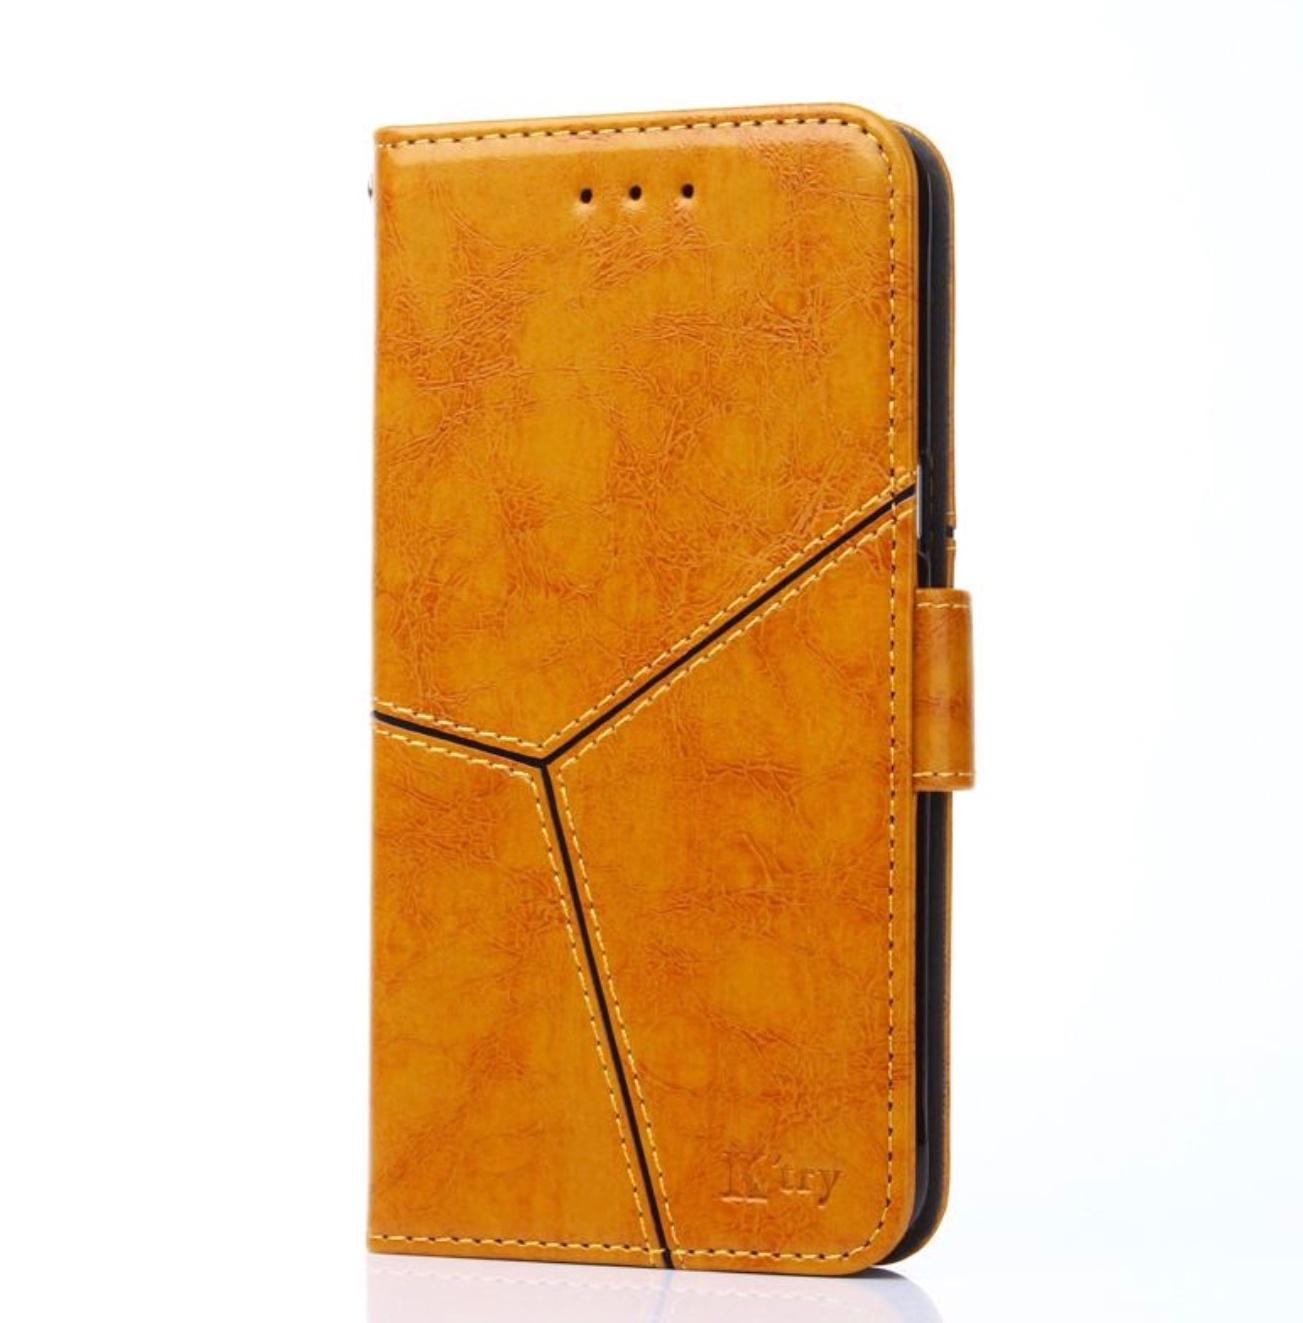 Чехол-книжка MyPads для Samsung Galaxy S10e прошитый по контуру с необычным геометрическим швом золотой желтый